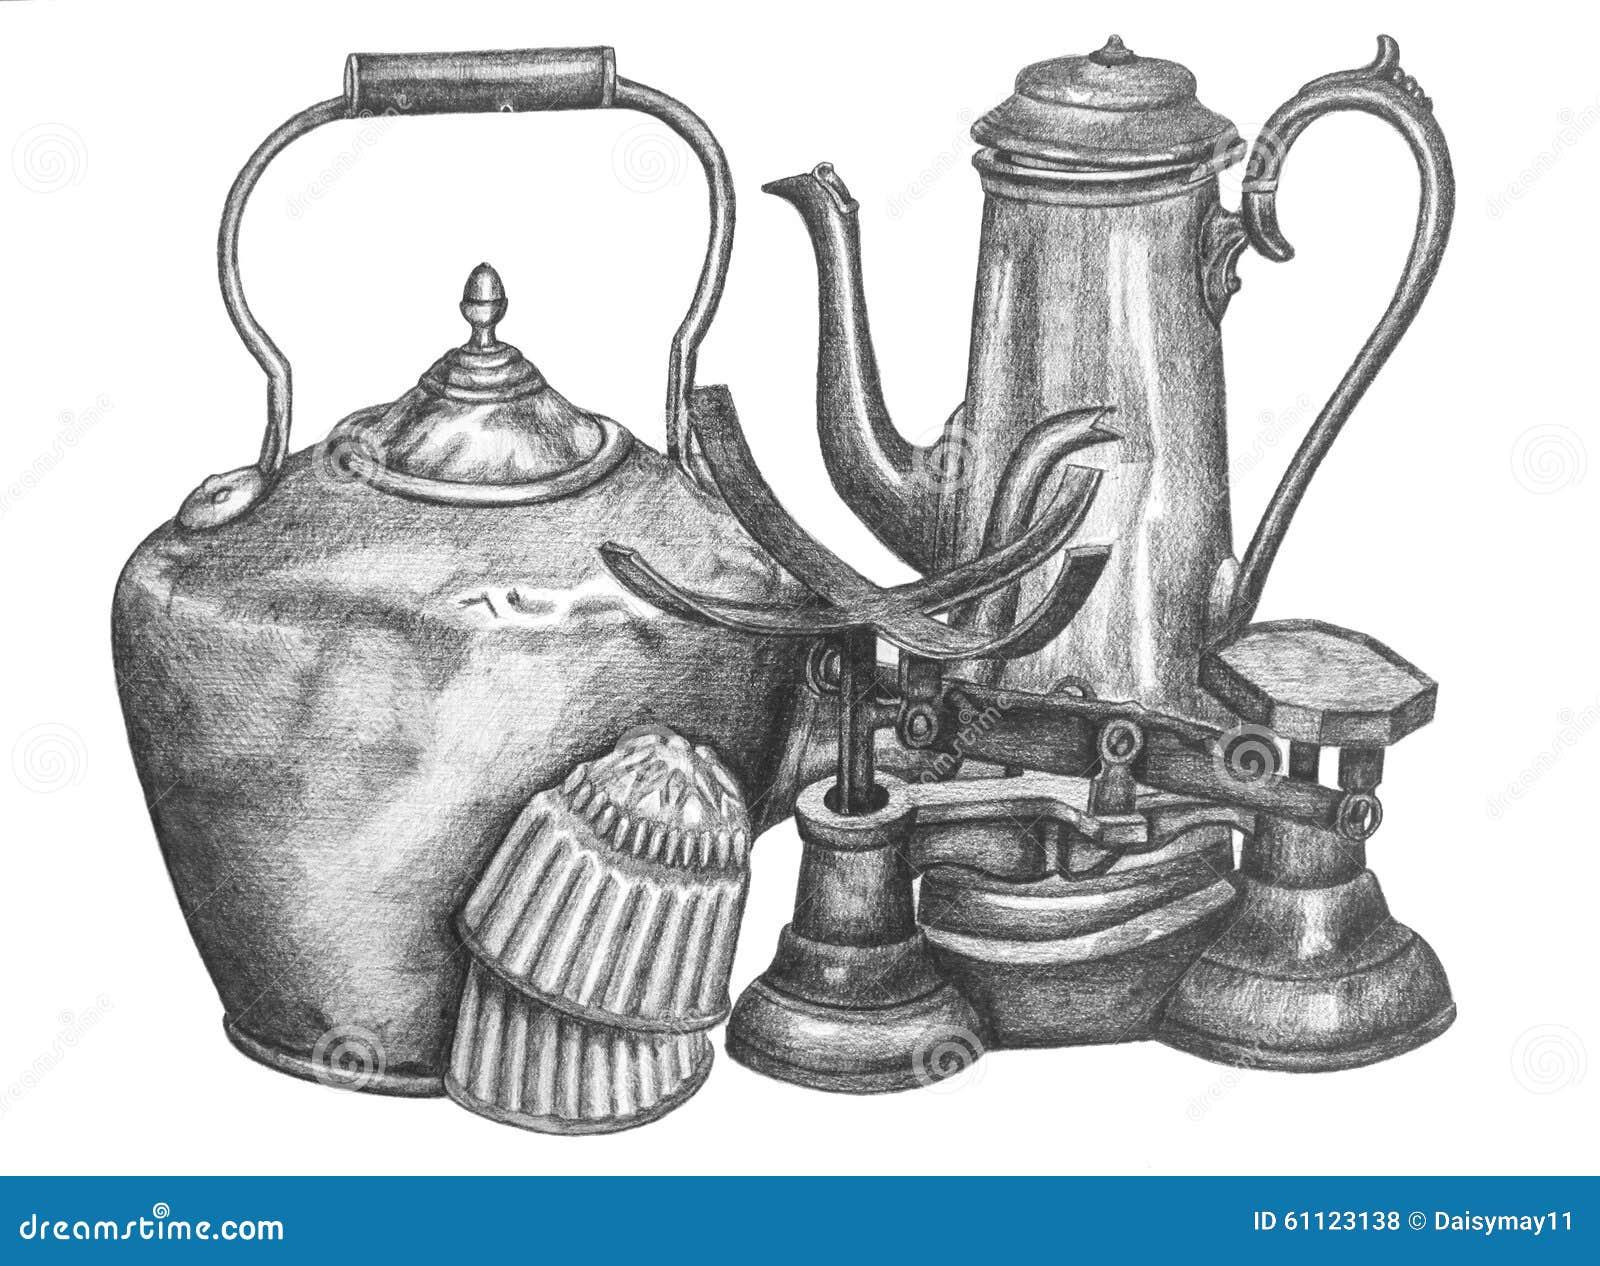 Vintage Kitchen Utensils Illustration Kitchen Utensils